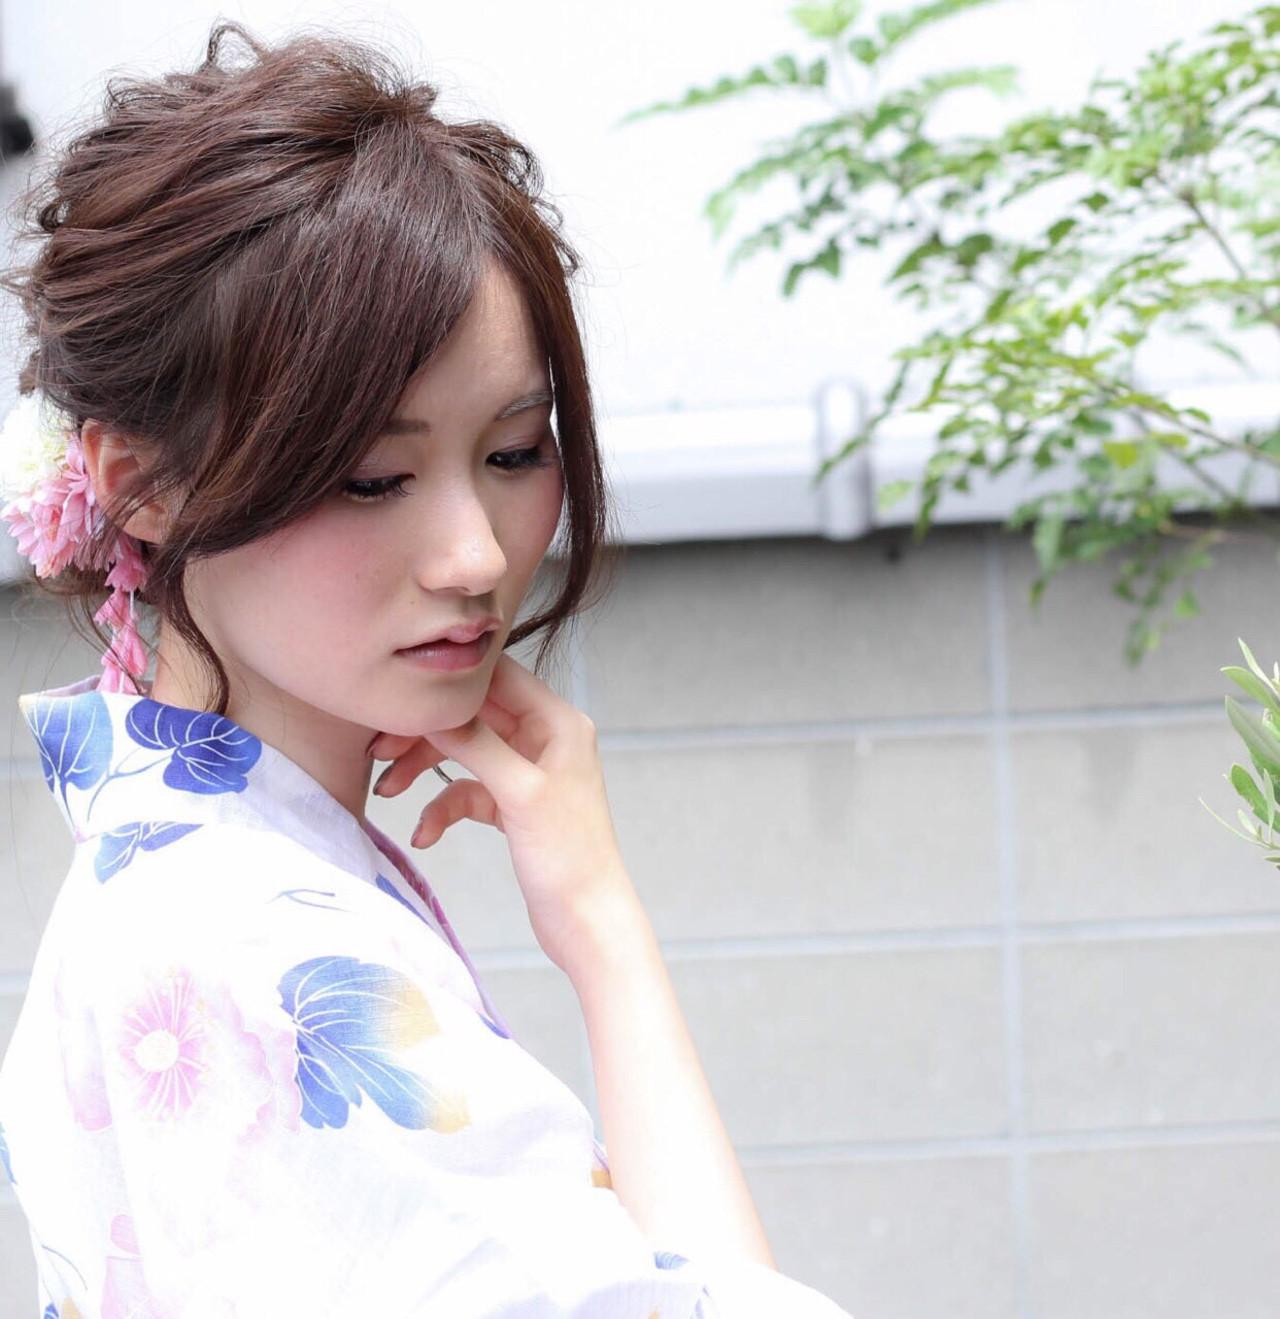 花火大会 デート まとめ髪 和装 ヘアスタイルや髪型の写真・画像   あかね /